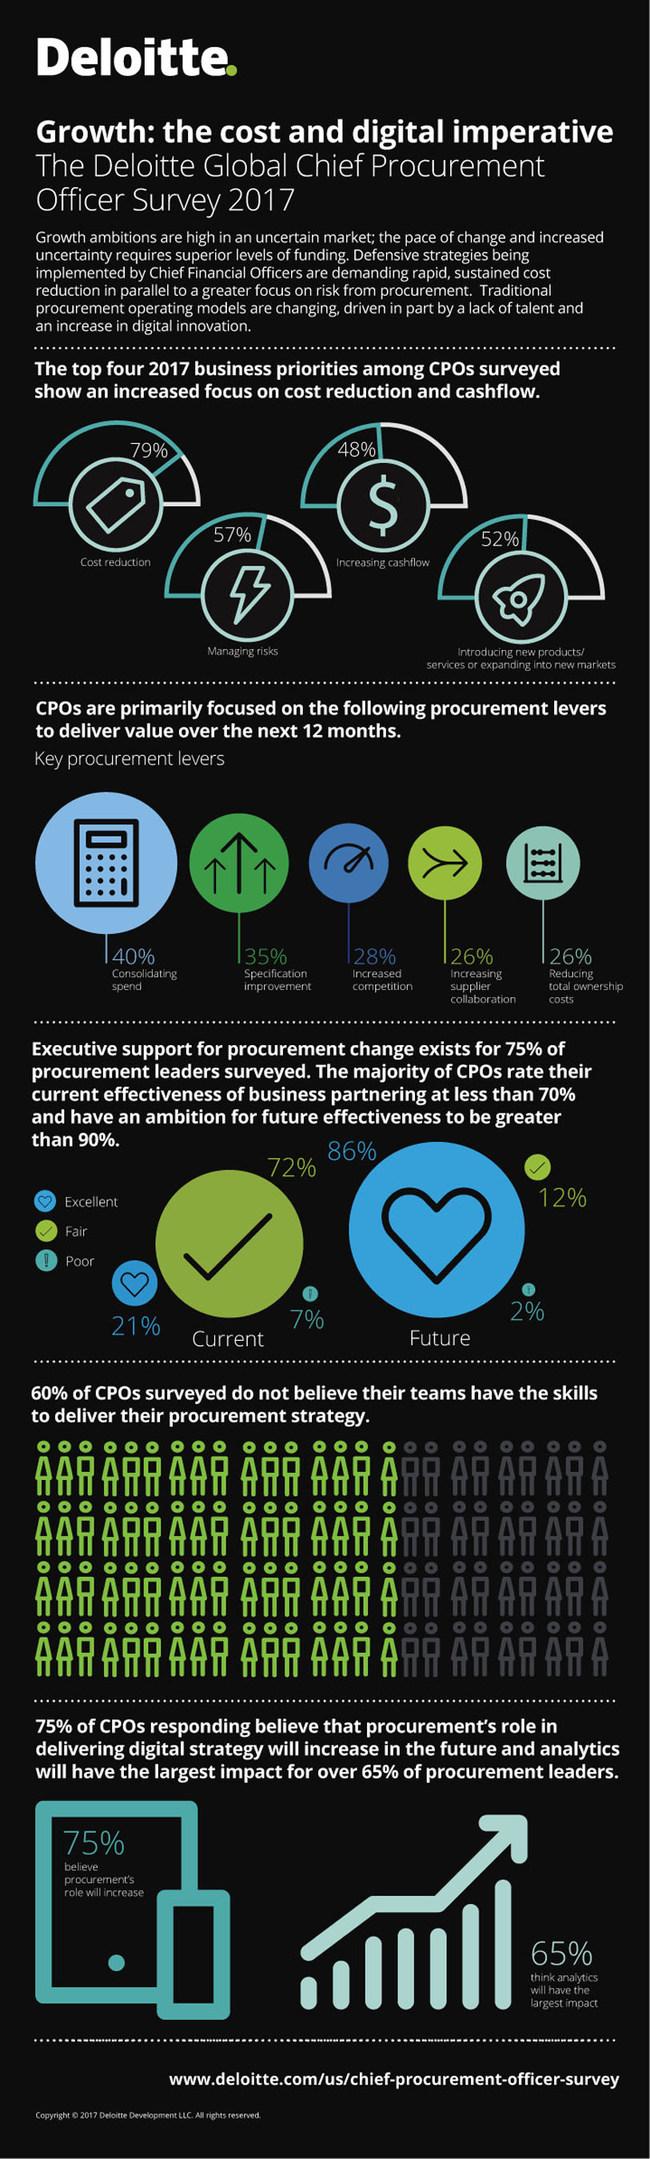 Deloitte Chief Procurement Officer Survey 2017 Infographic